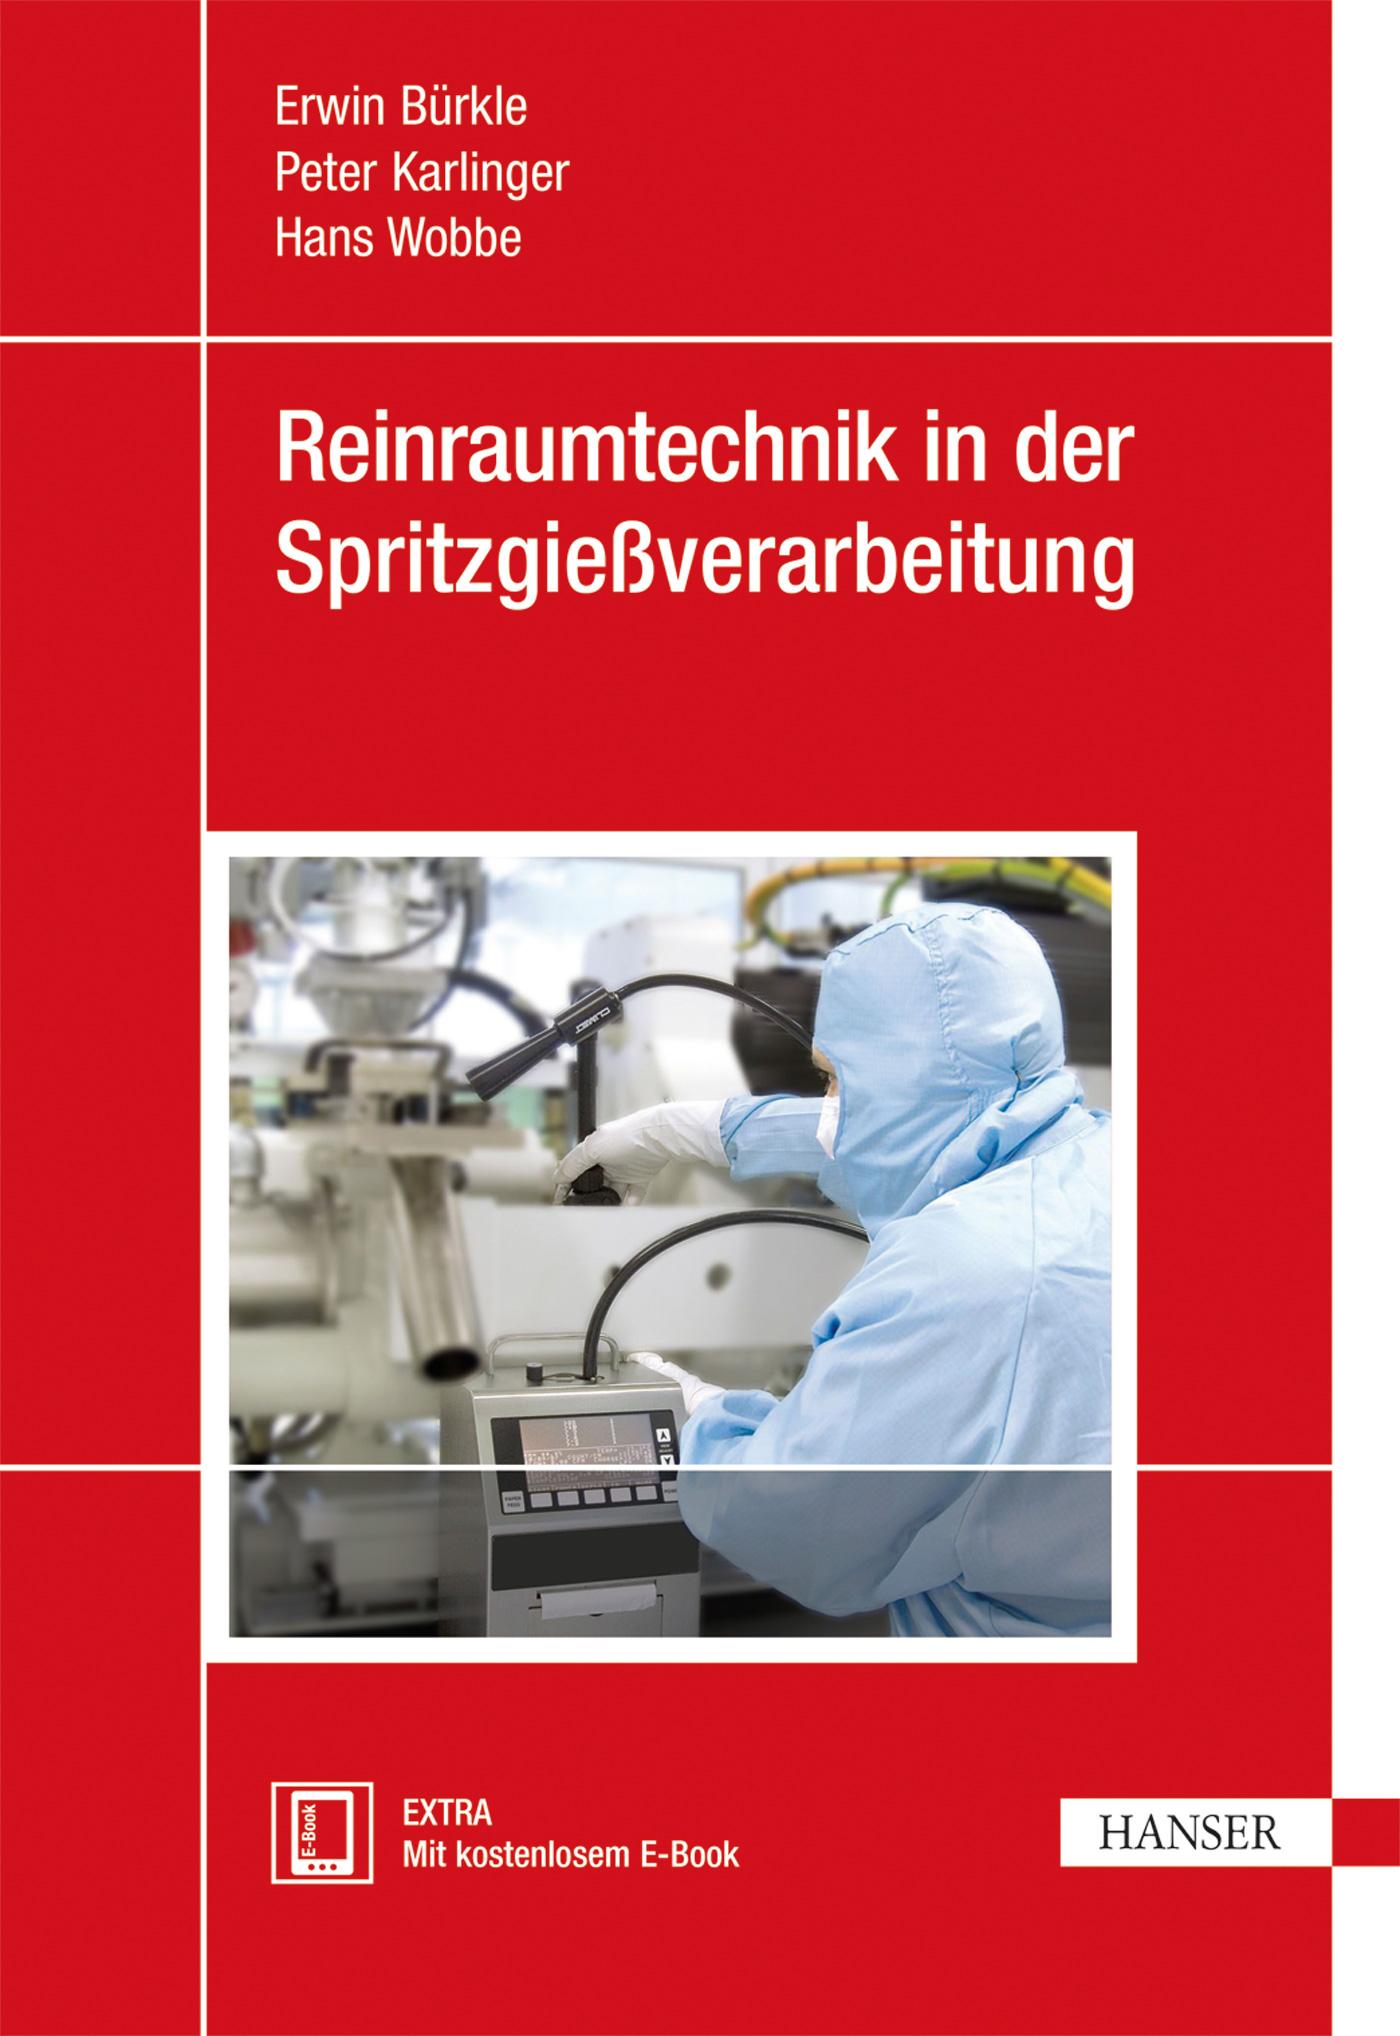 Reinraumtechnik in der Spritzgießverarbeitung, 978-3-446-43428-8